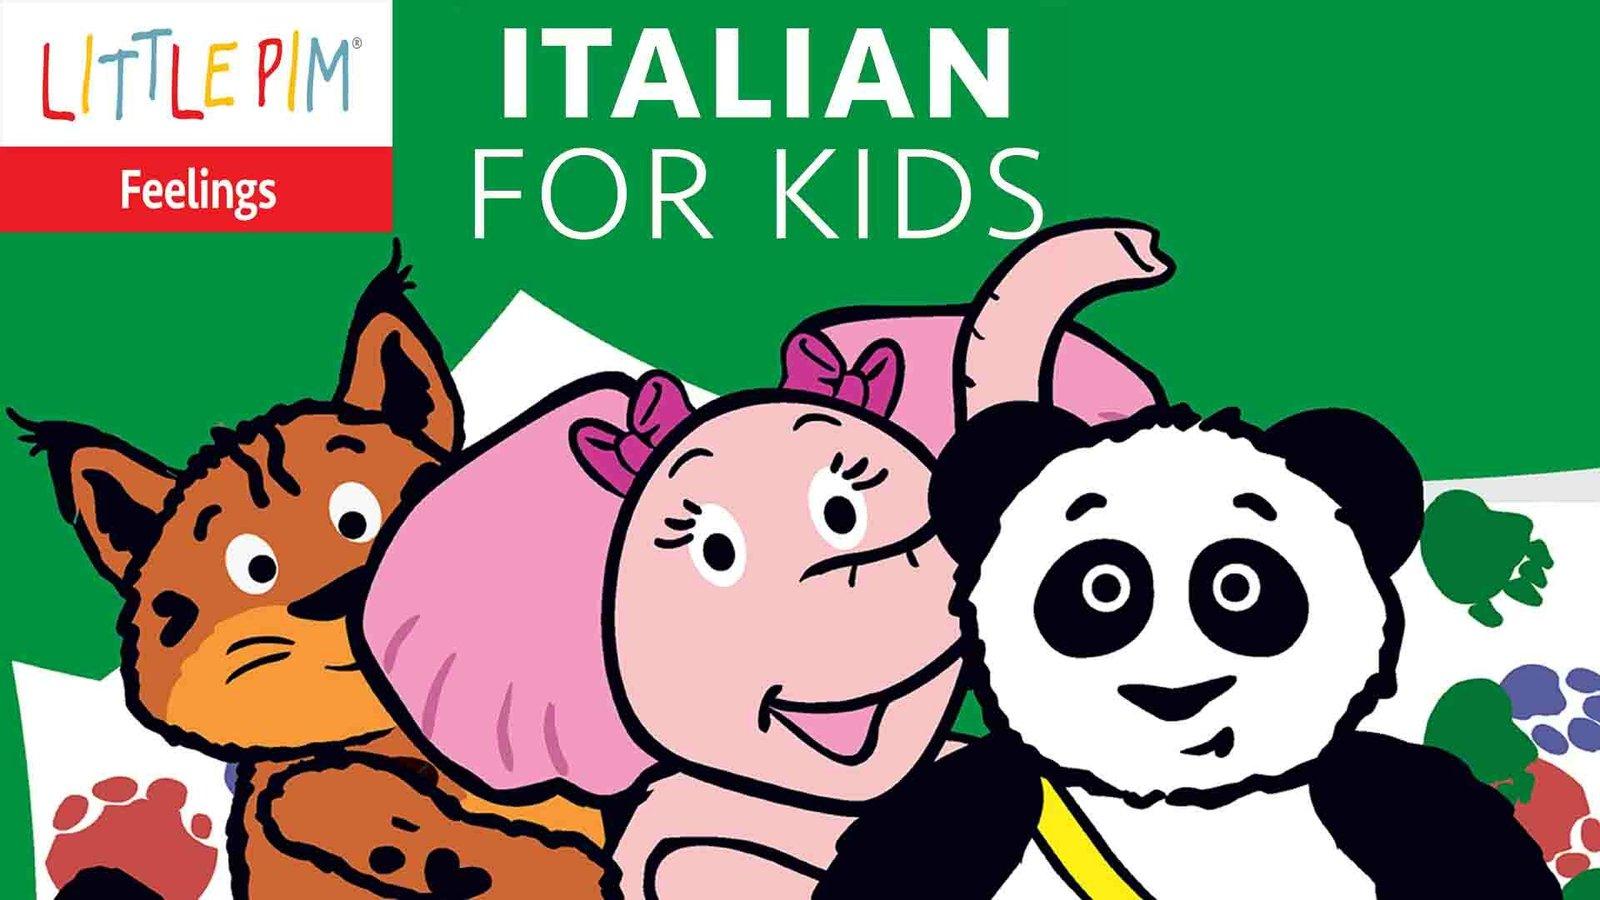 Little Pim: At Home - Italian for Kids